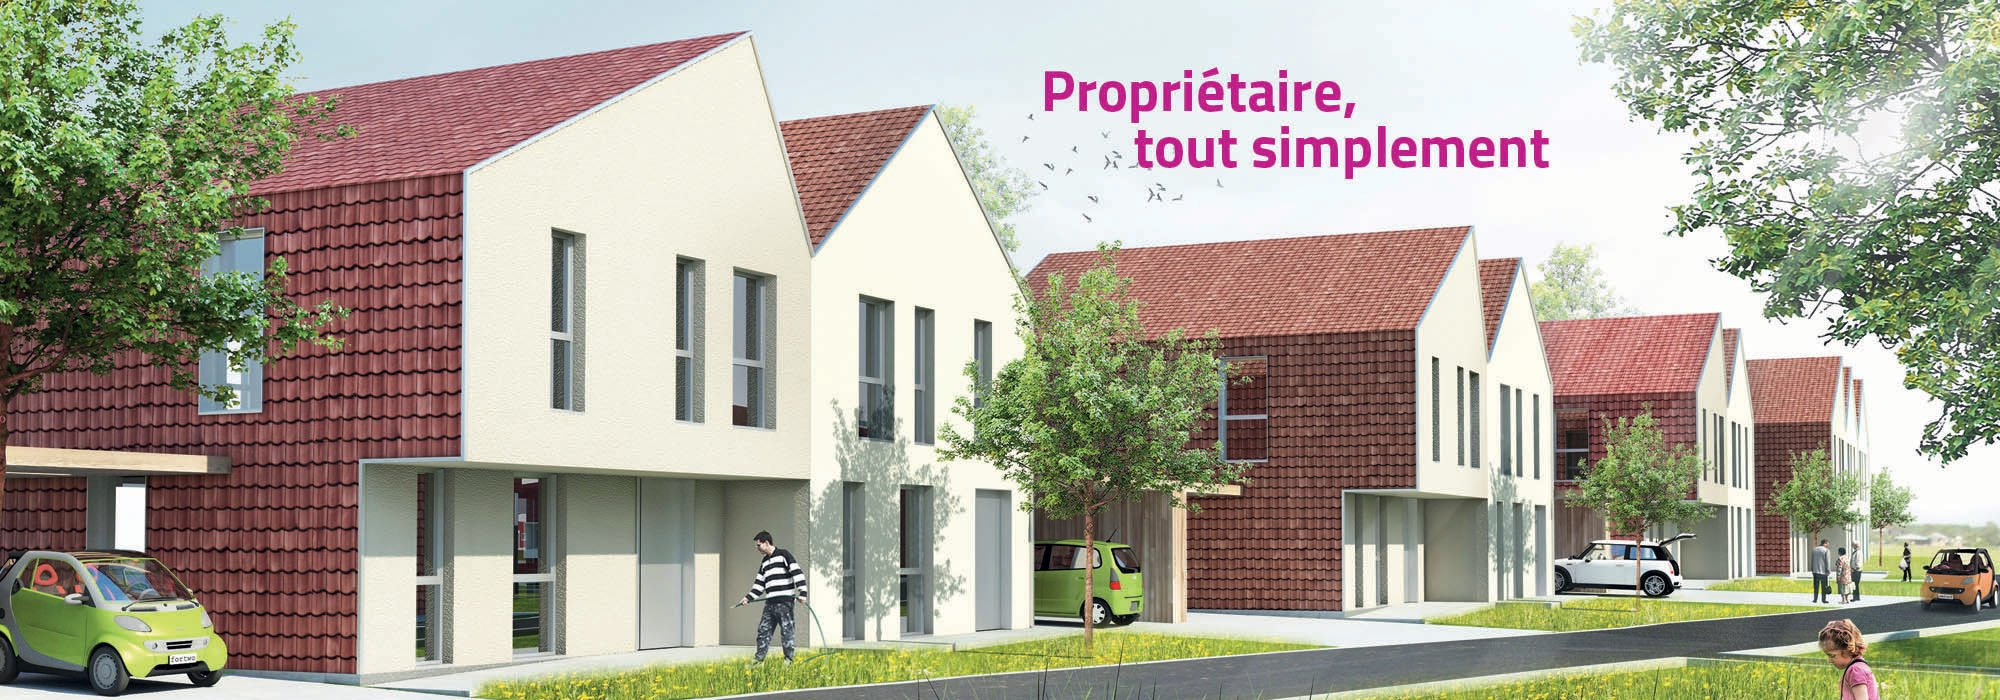 Noyelles-sous-Lens, rue de la Napoule